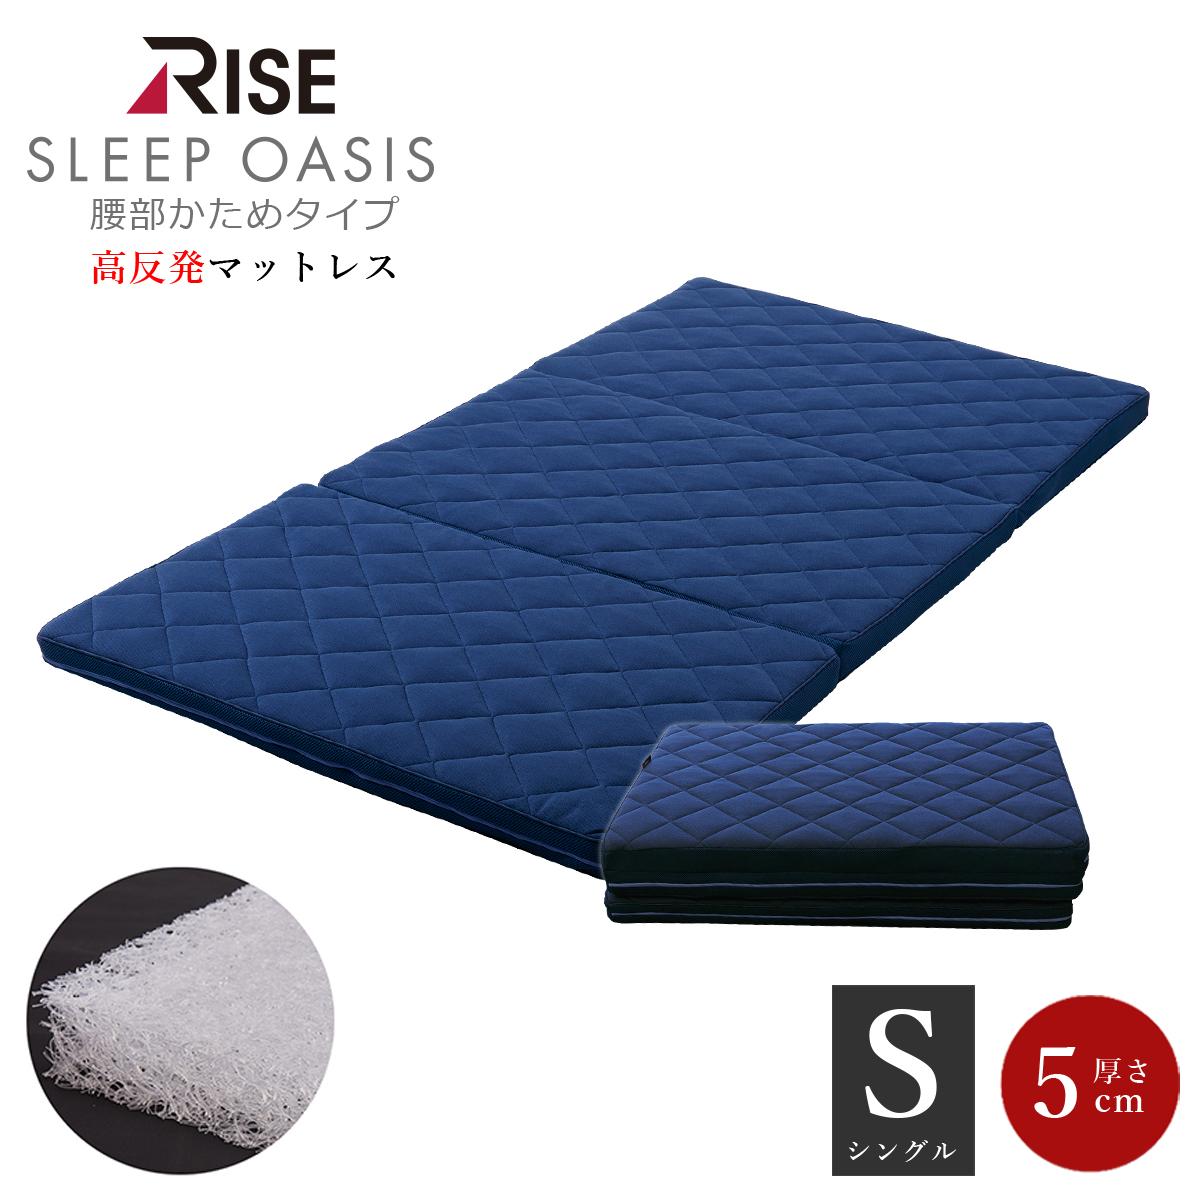 スリープオアシス 高反発ファイバーマットレス V02 <腰部かためタイプ> シングルサイズ 三つ折りタイプ 厚さ5cm 敷布団としても使える高反発マットレス ライズTOKYOの高反発マットレス